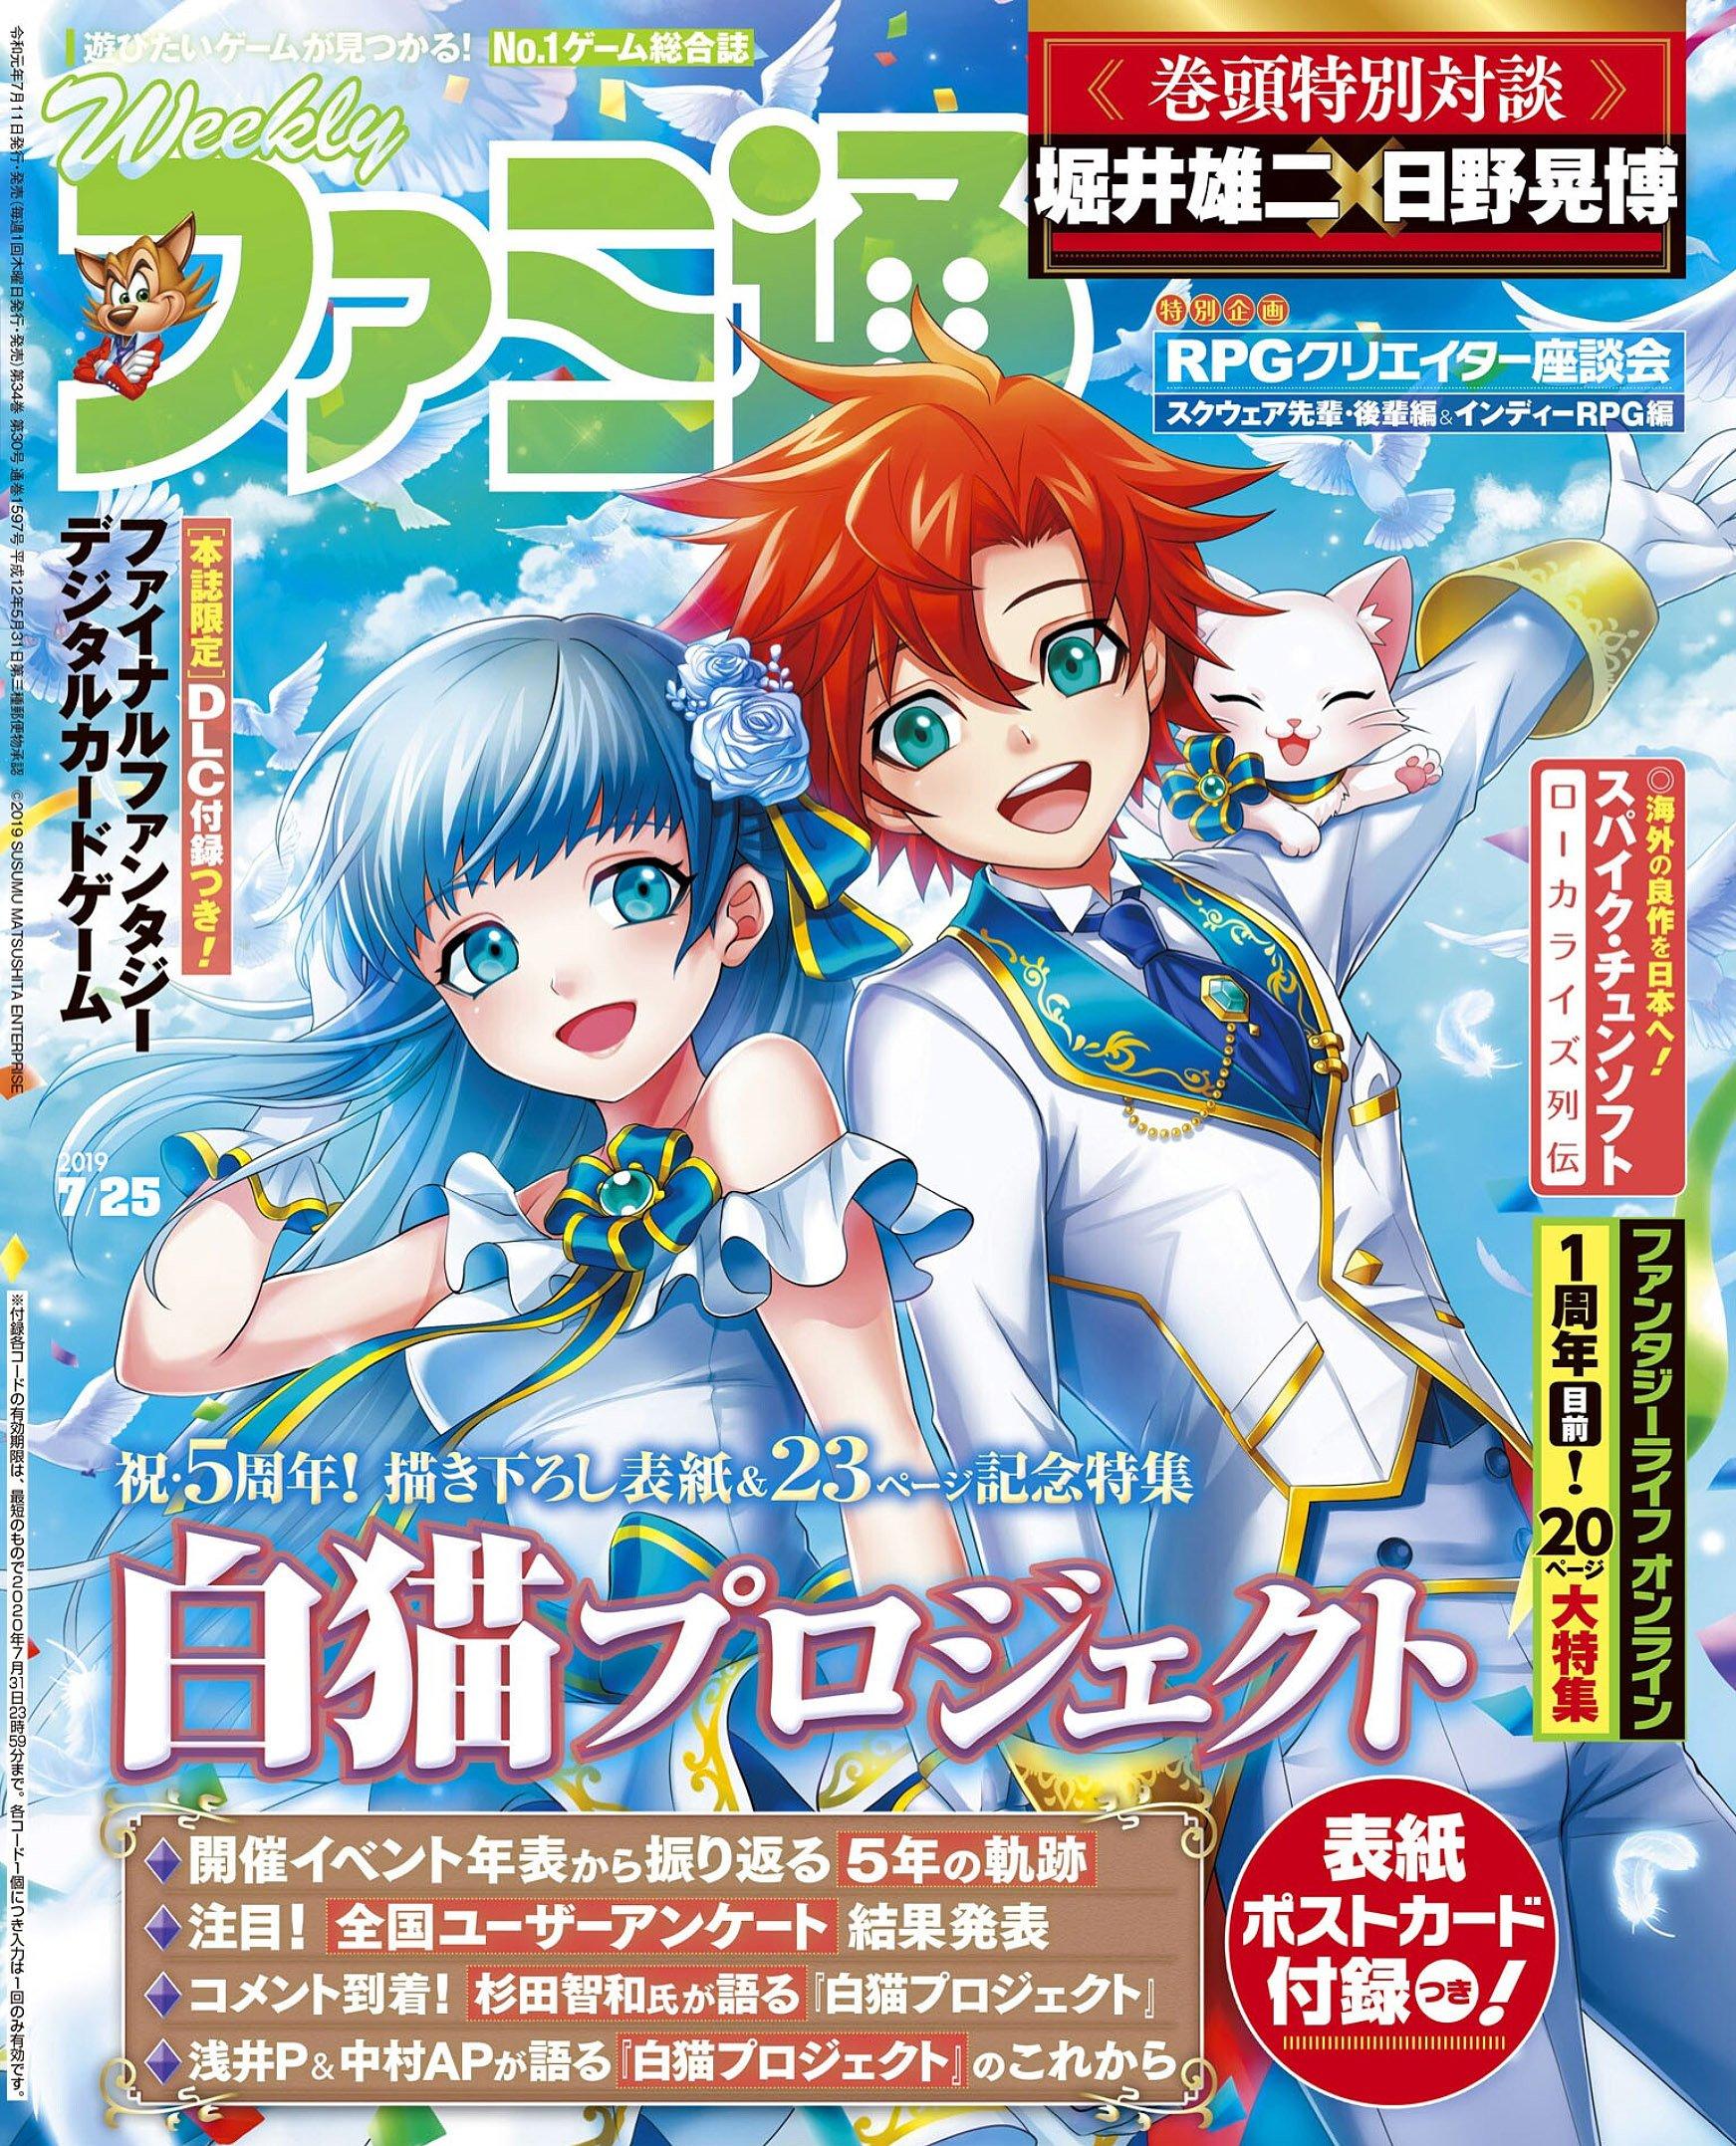 Famitsu 1597 (July 25, 2019)